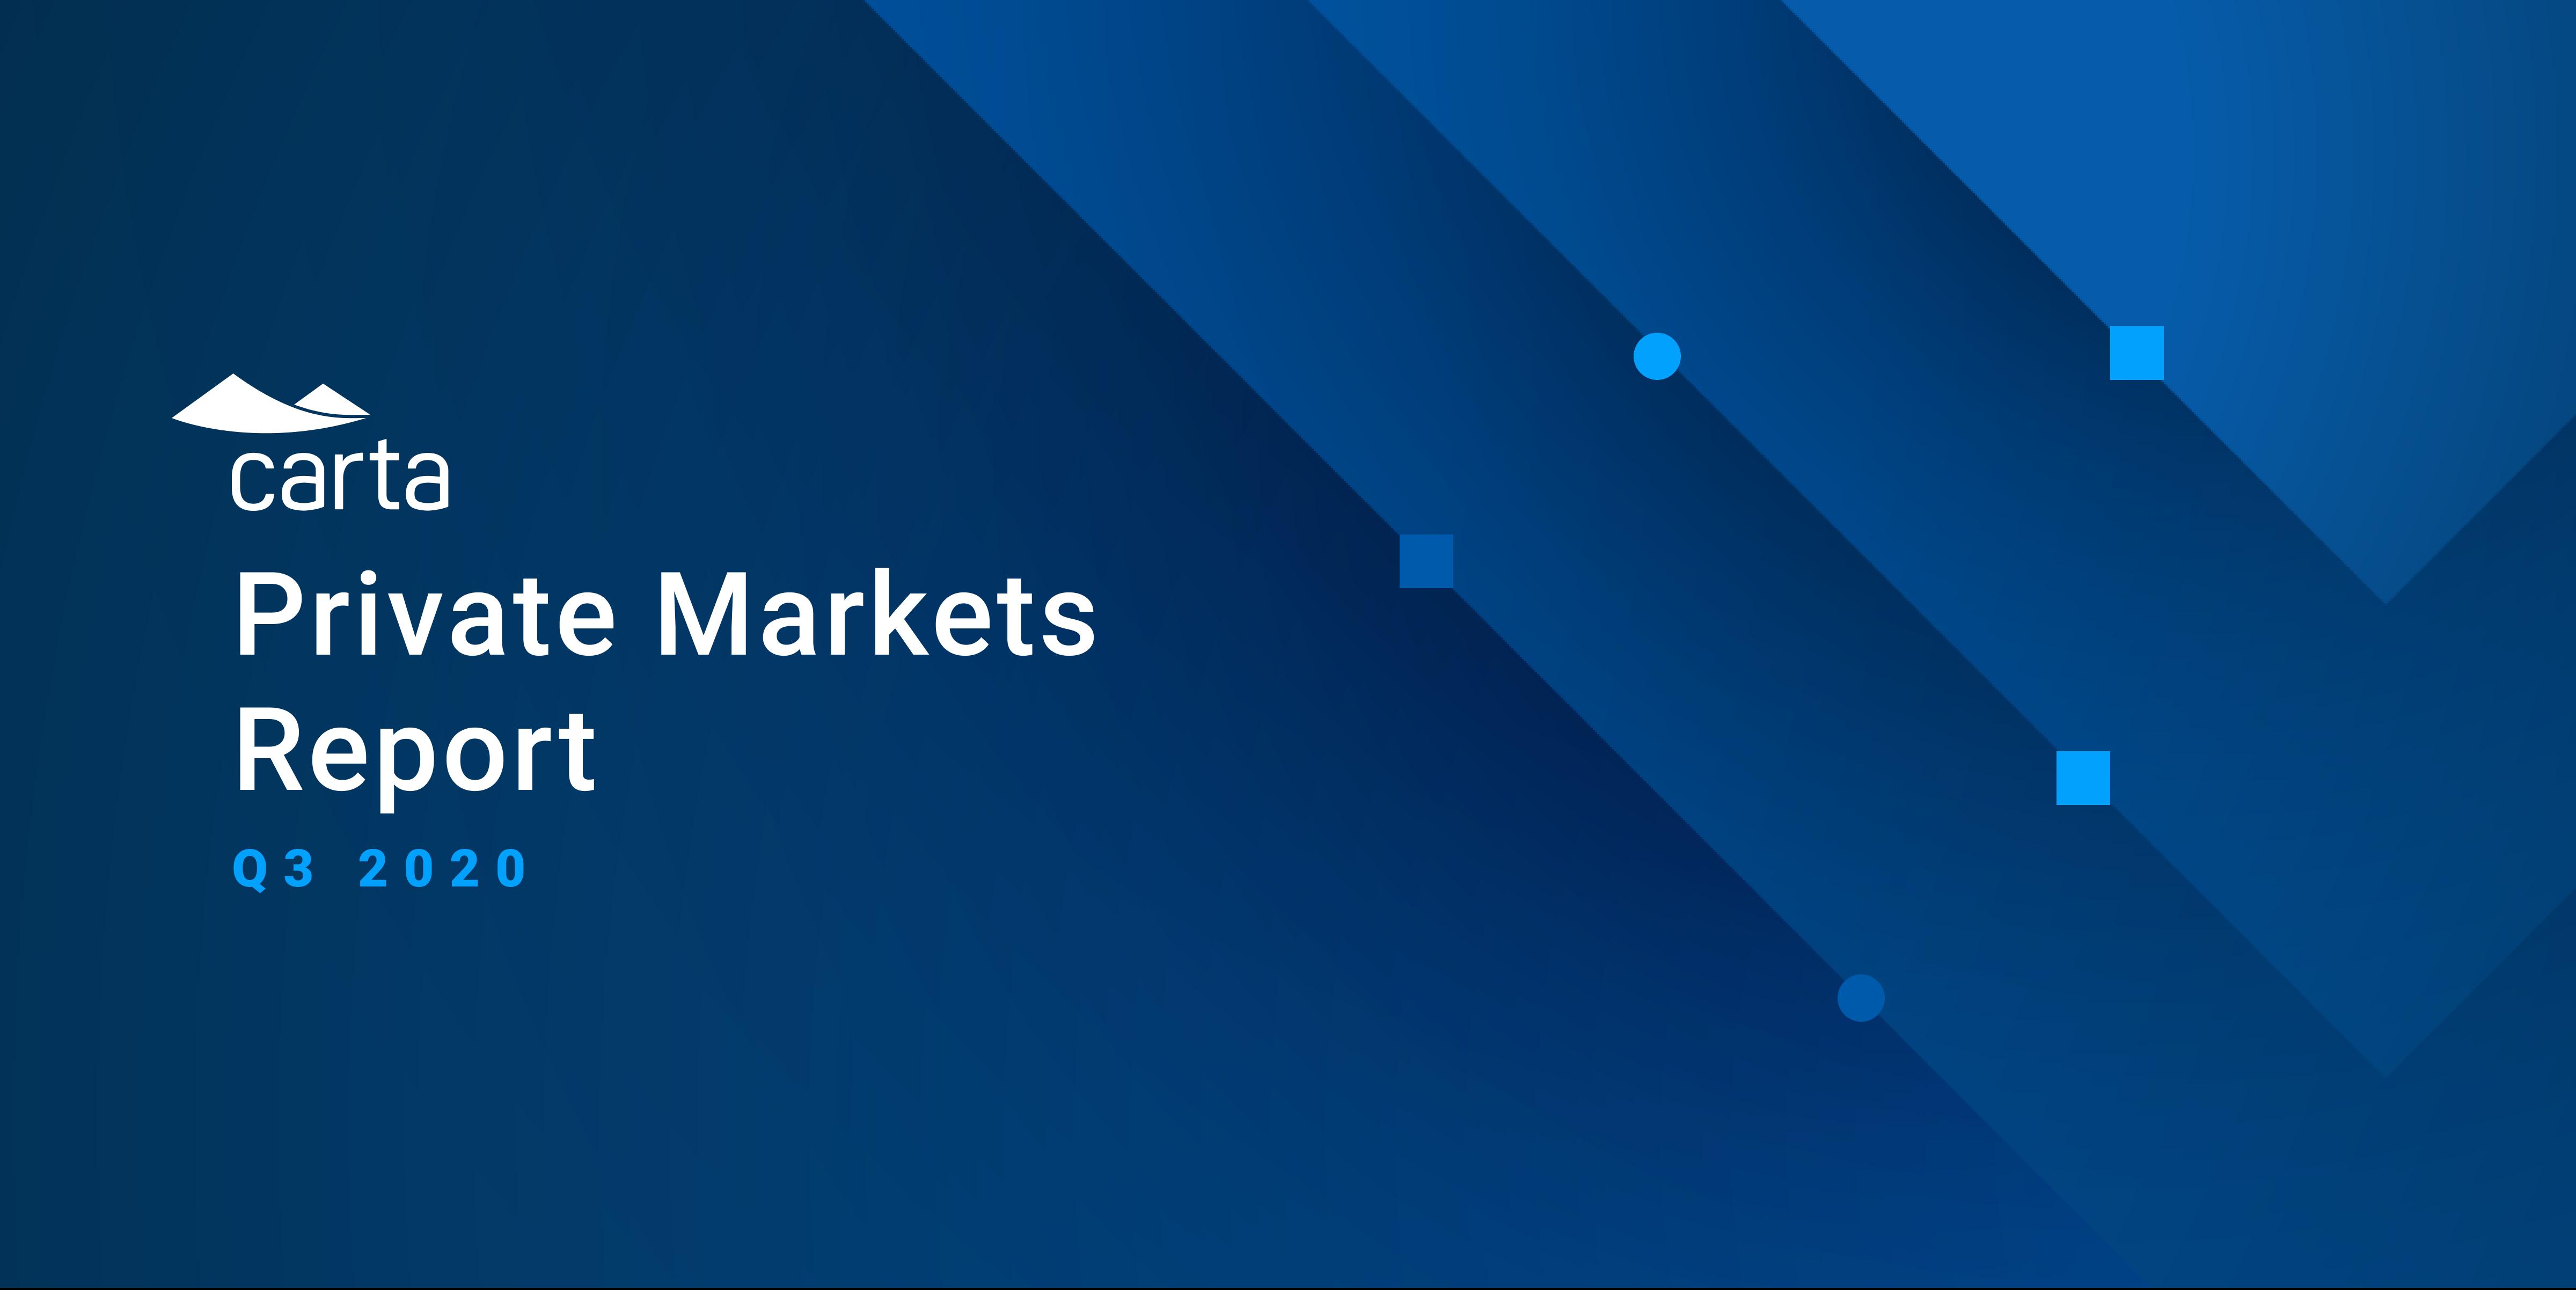 private markets report